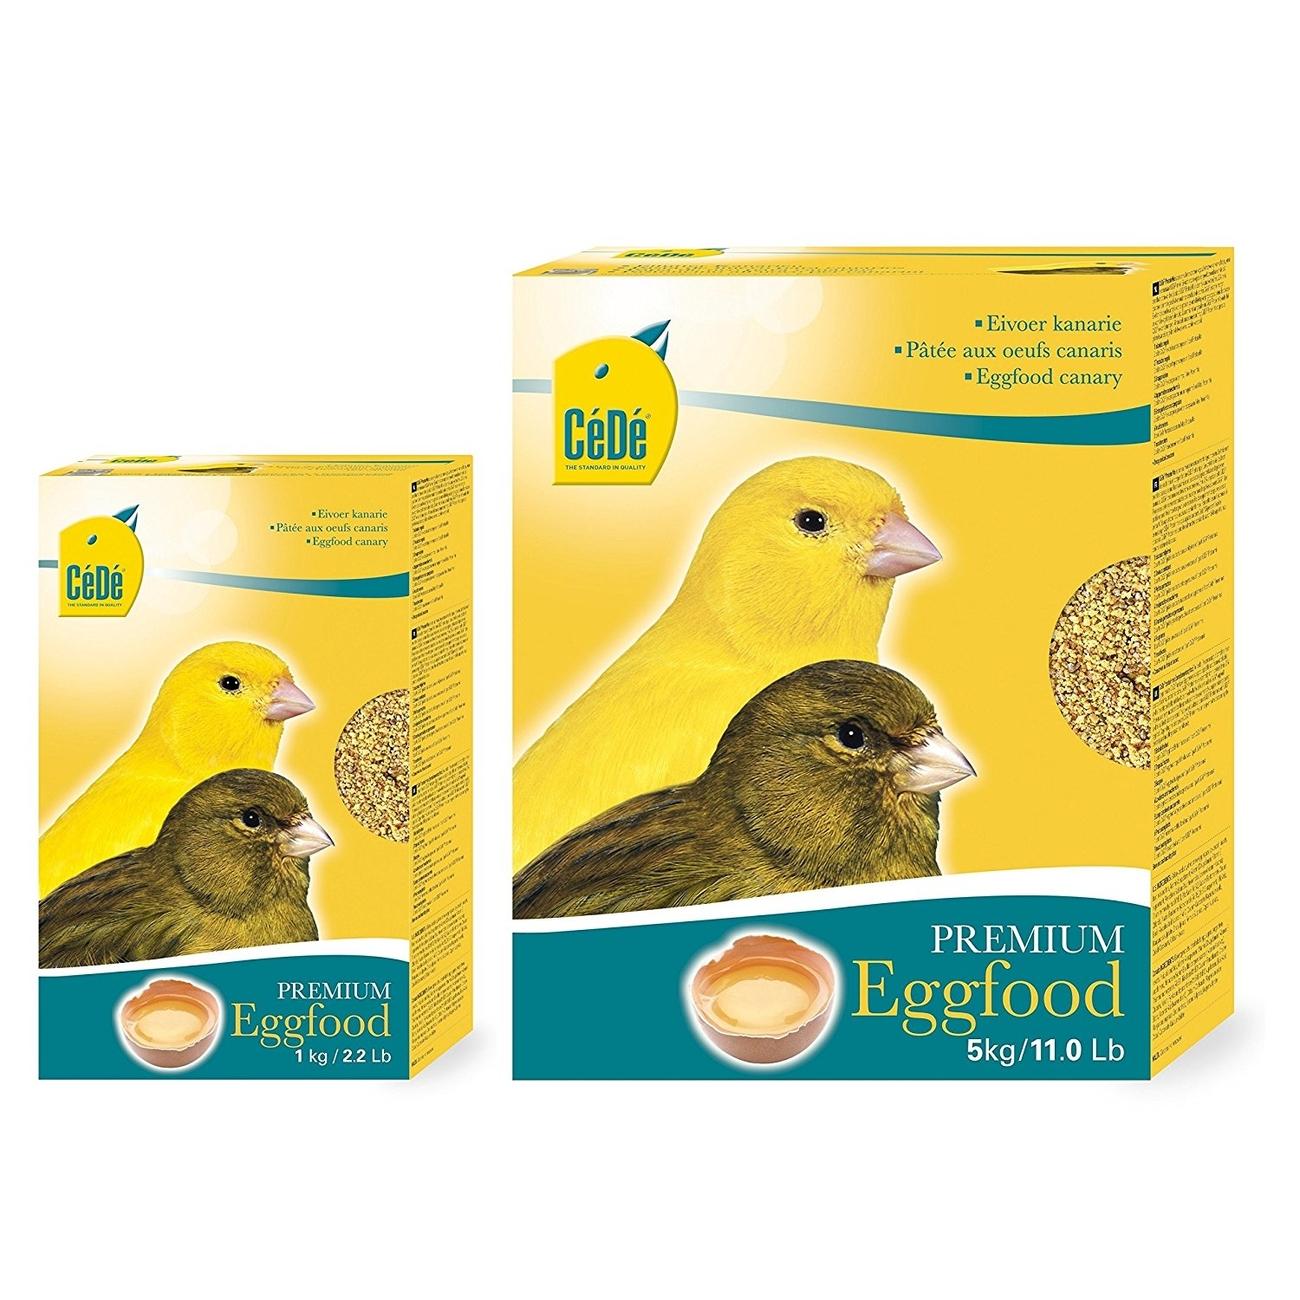 CeDe CéDé Vogelfutter Eifutter Kanarien gelb